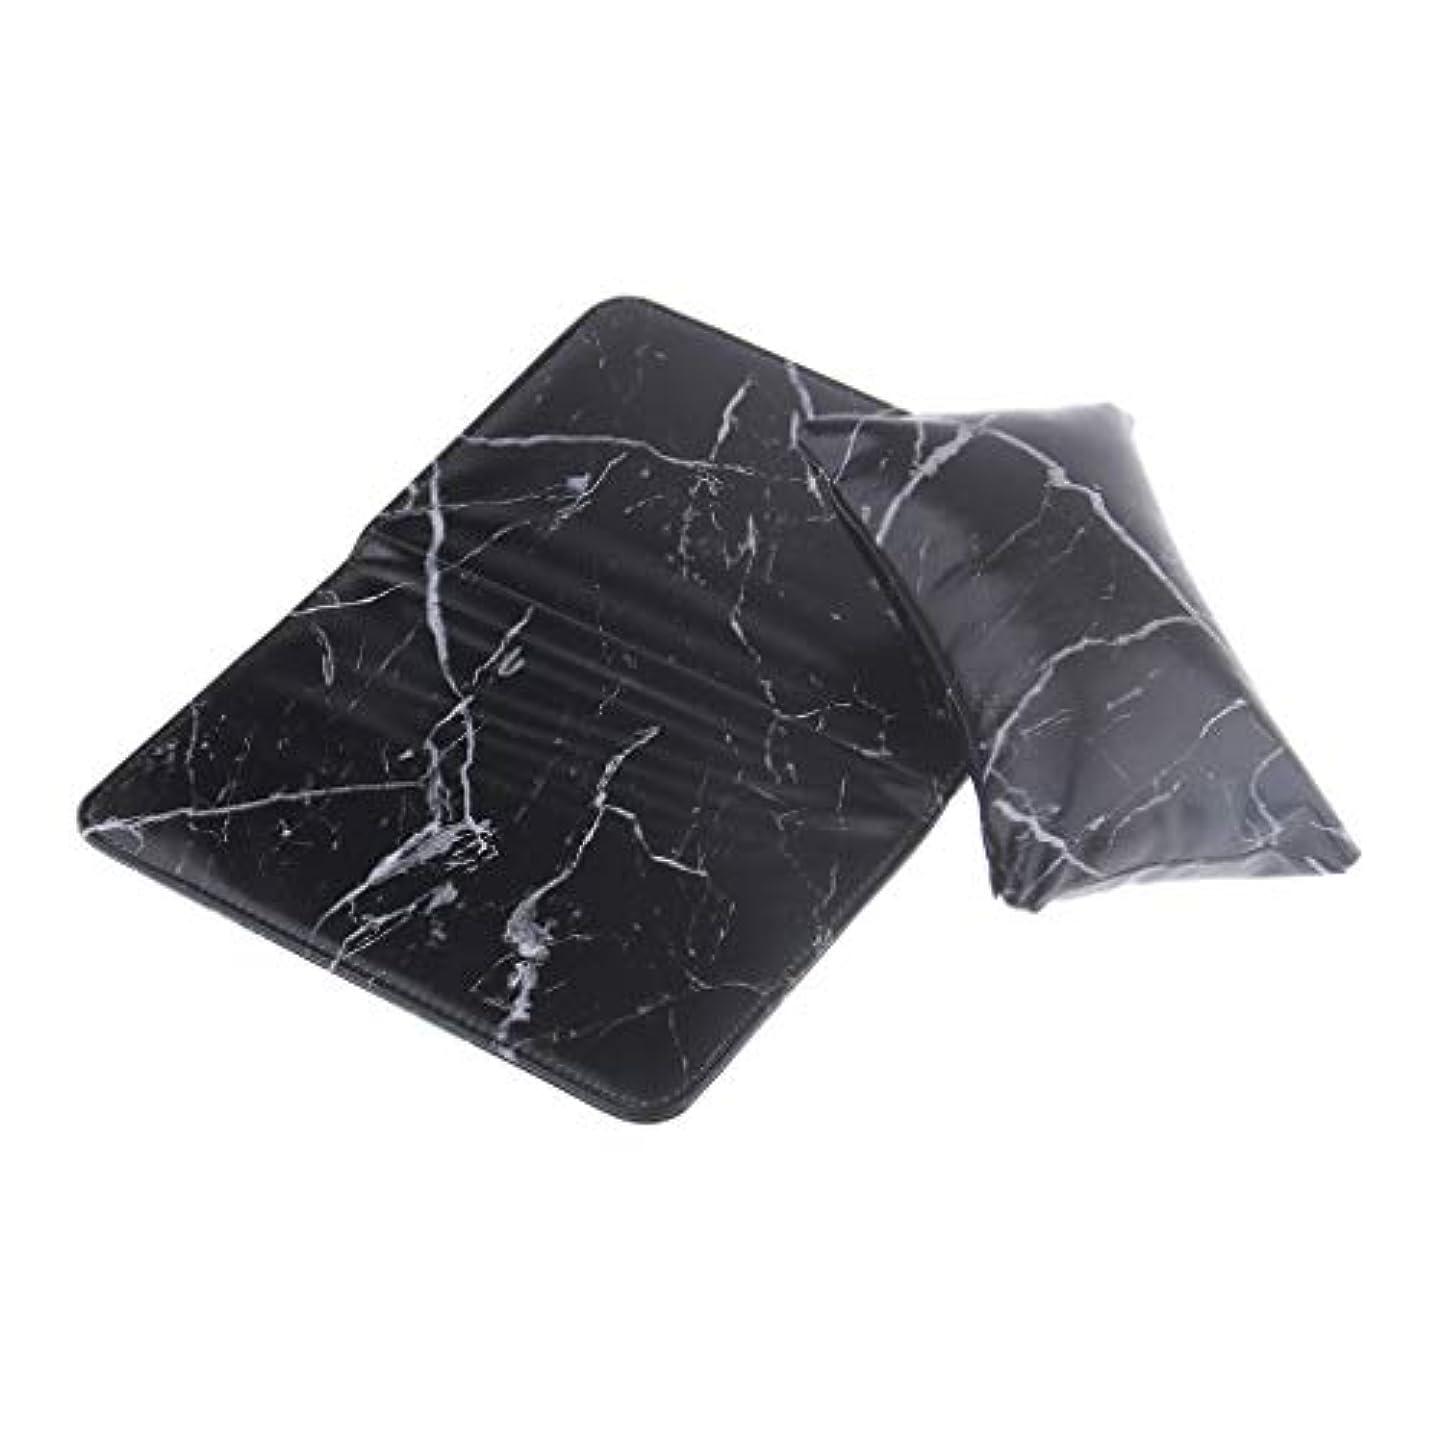 SM SunniMix ネイルアート ハンドクッションピロー 折りたたみ式パッド アームレストホルダー PUレザー 2色選べ - ブラック